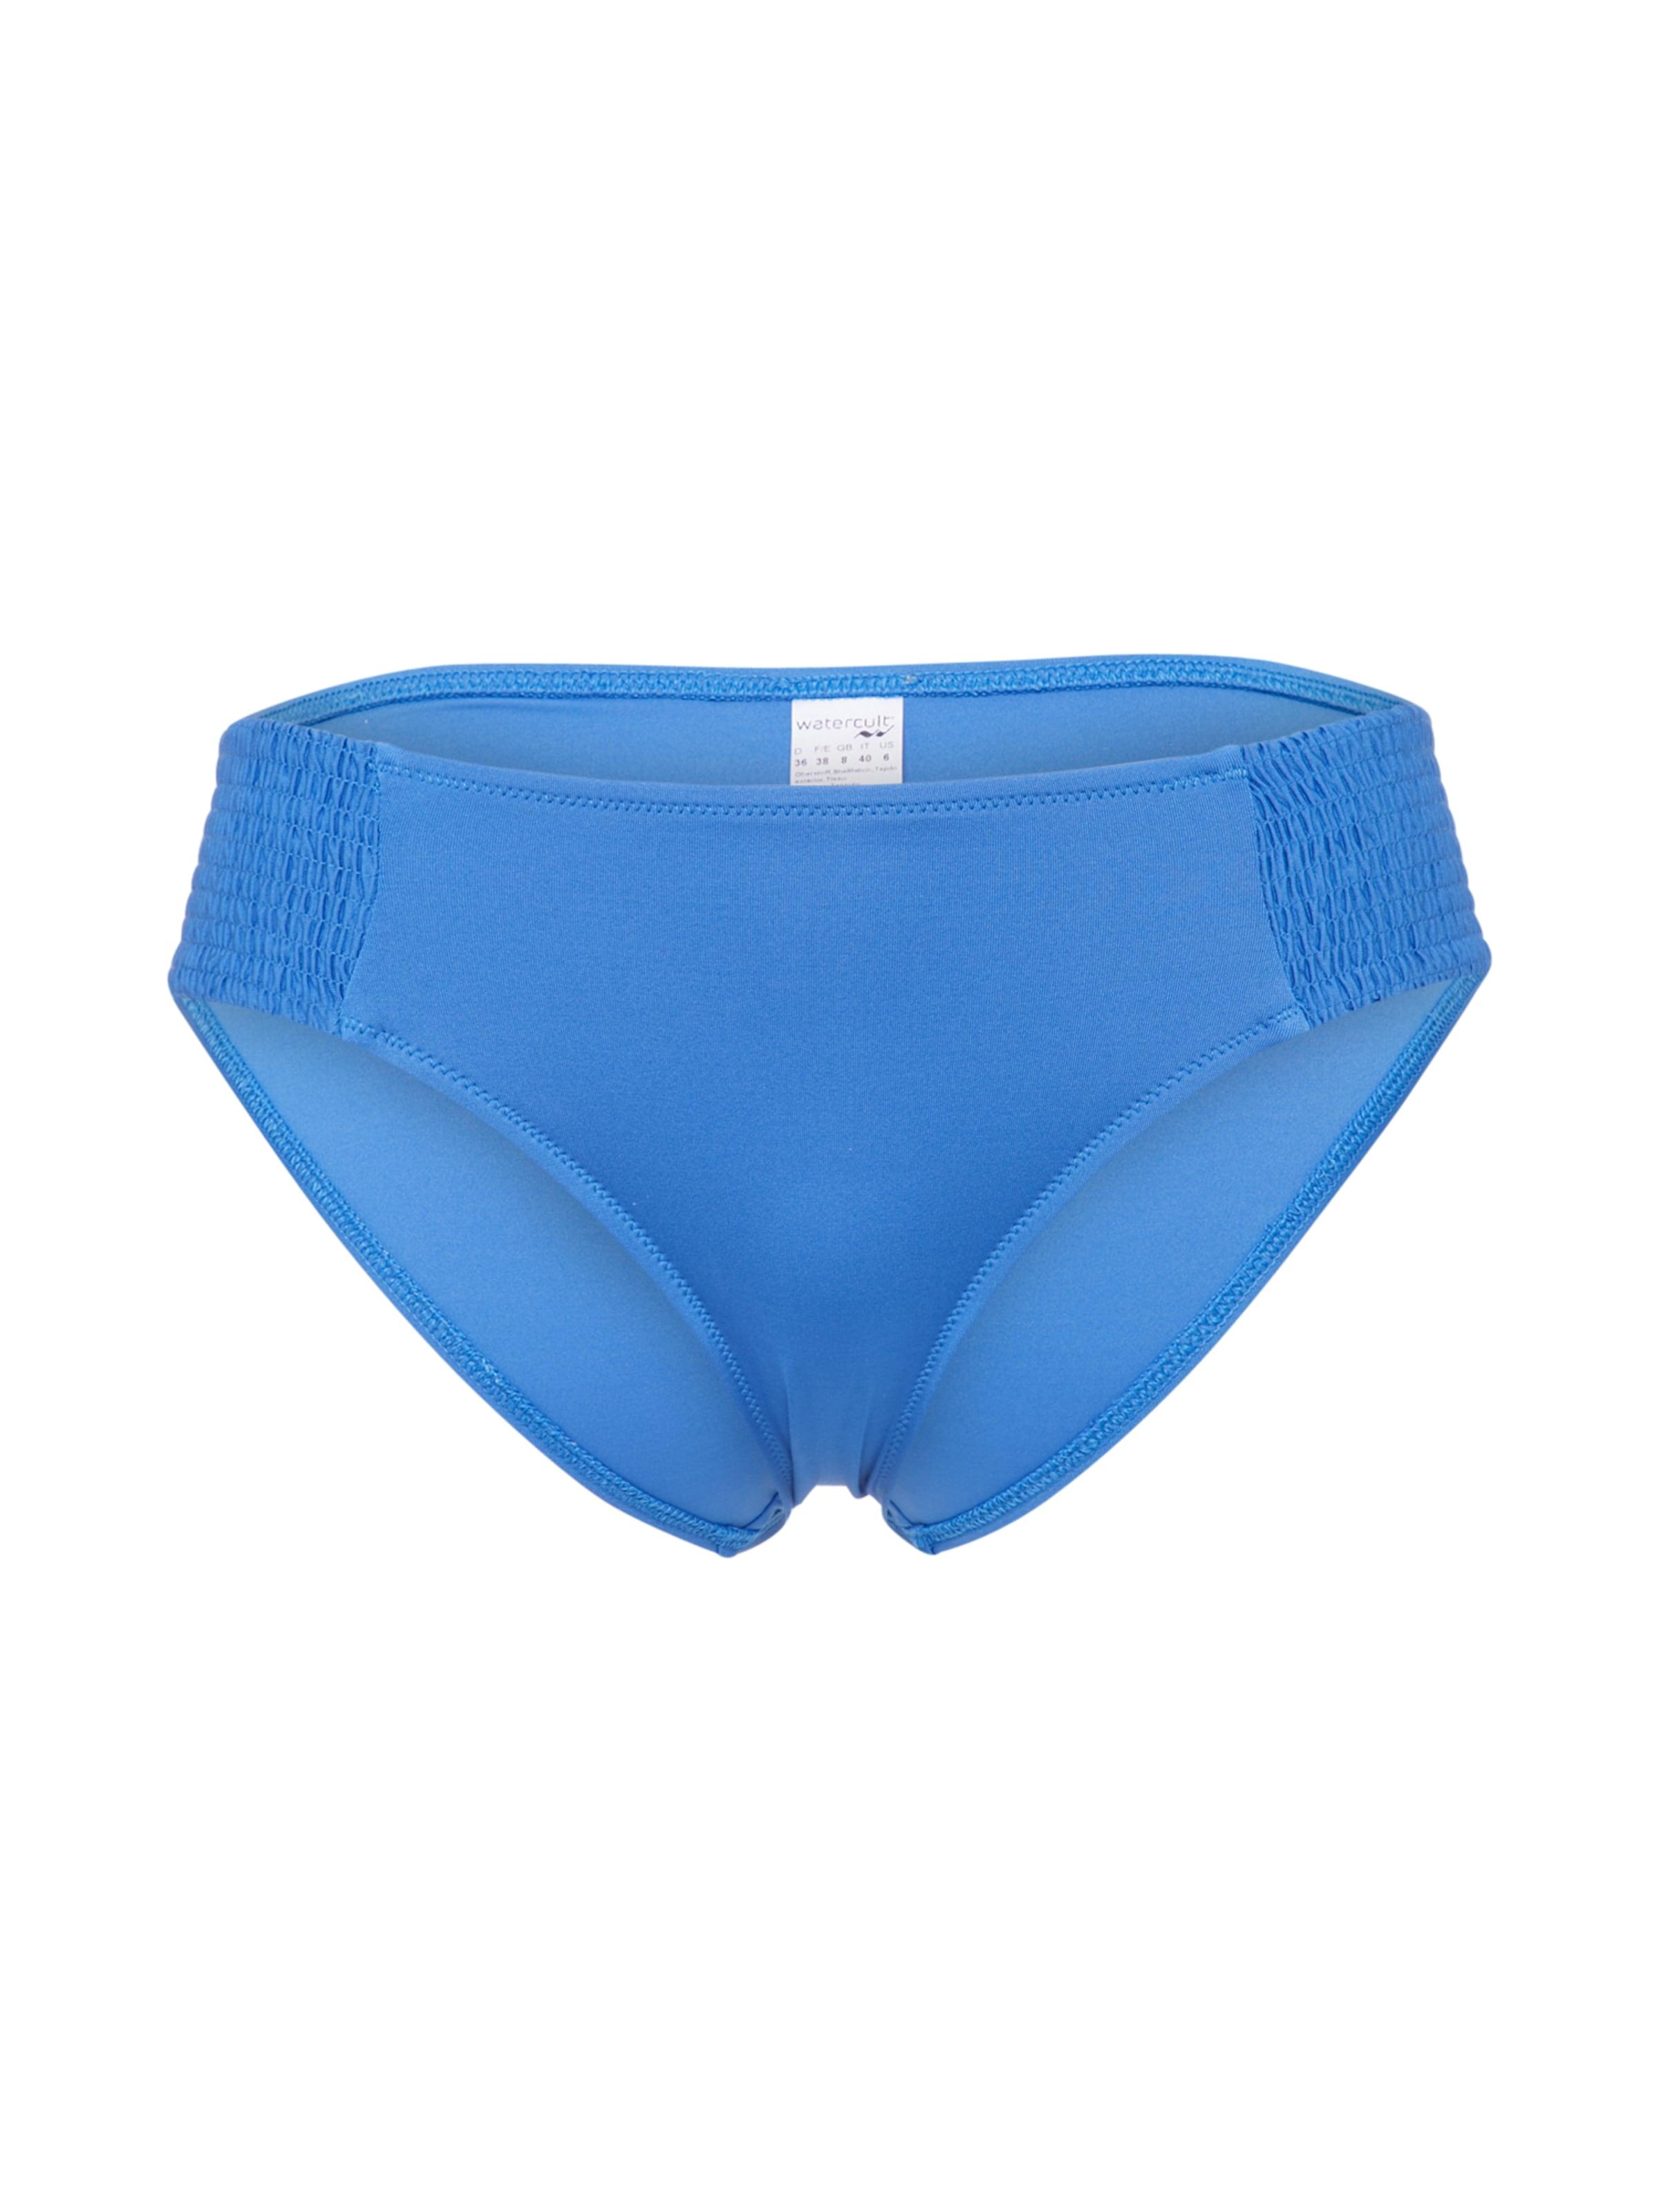 De Bleu Bikini Bas En Watercult 0knPXO8w